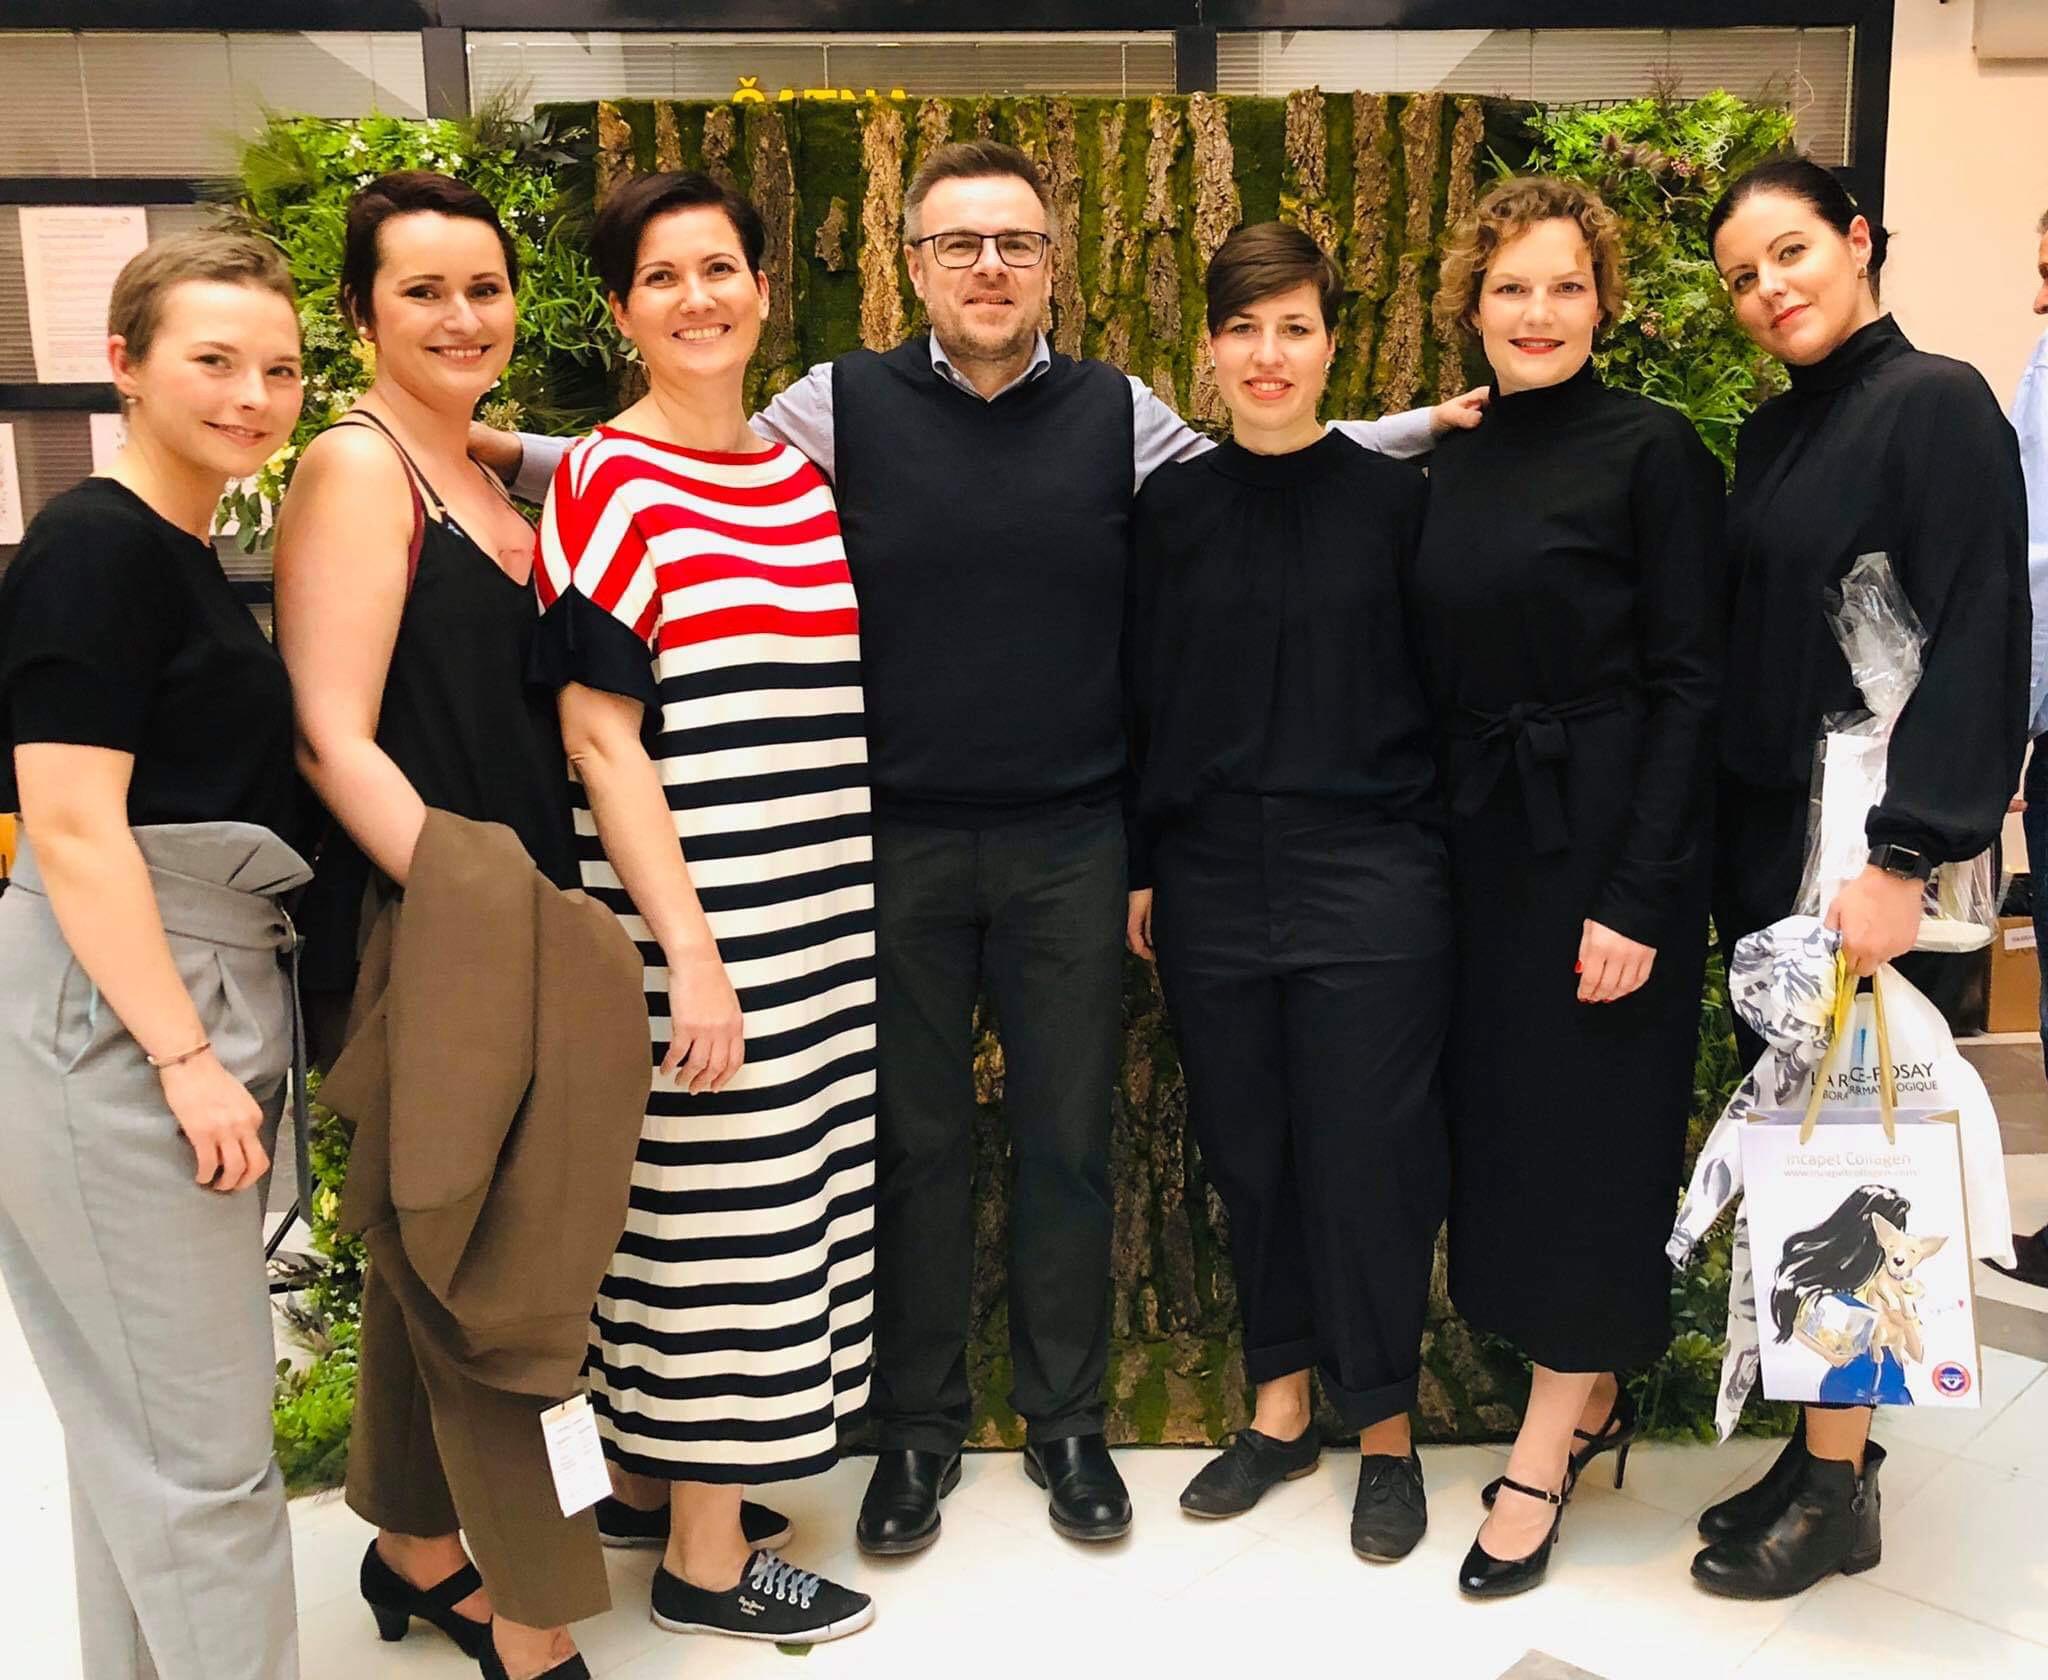 Bellisky modelkami na charitativní přehlídce vMOÚ Brno 2020